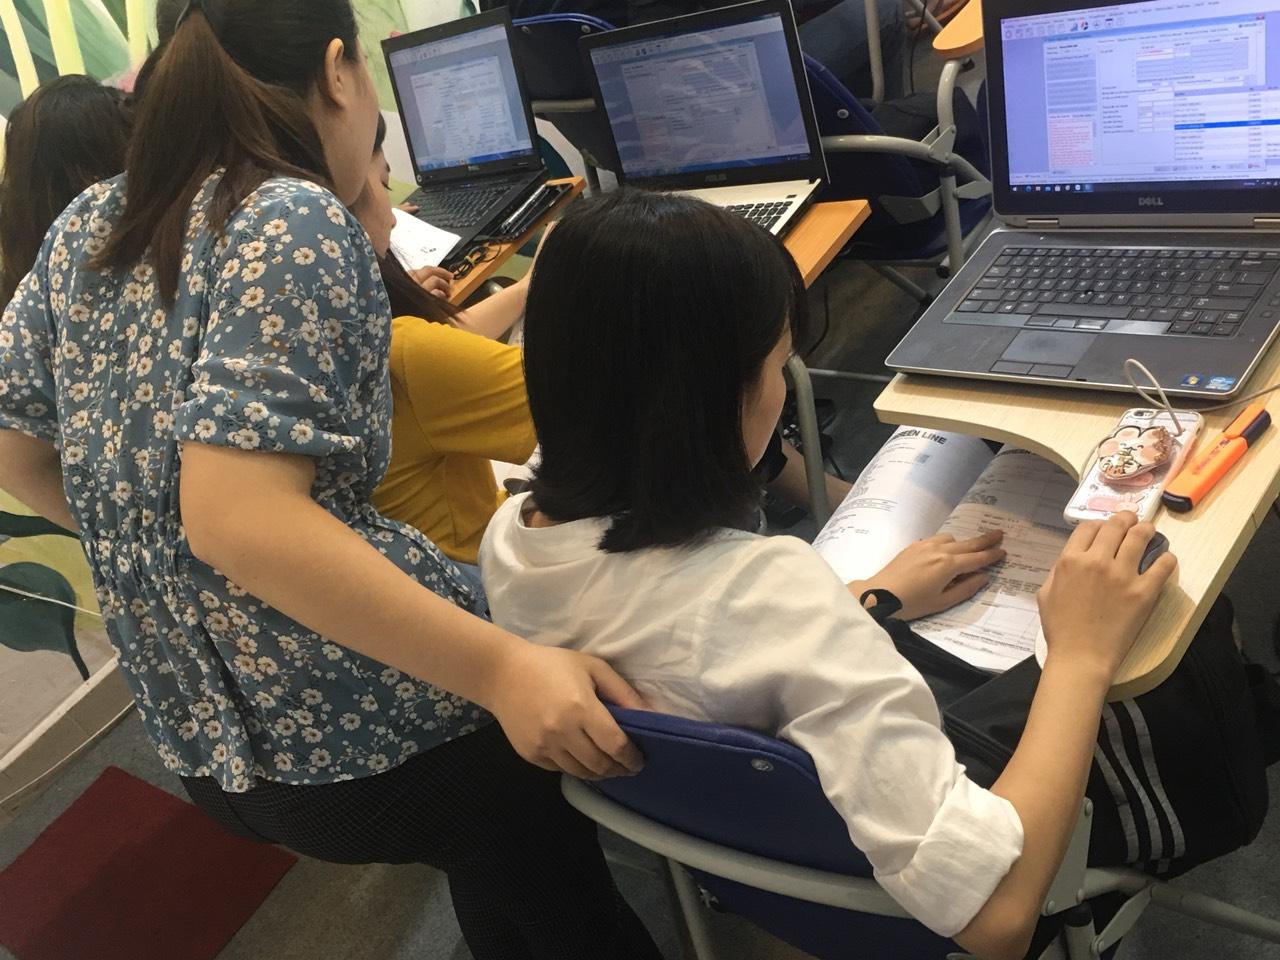 Các lớp học nghiệp vụ uy tín sẽ rất quan tâm tới chất lượng đào tạo